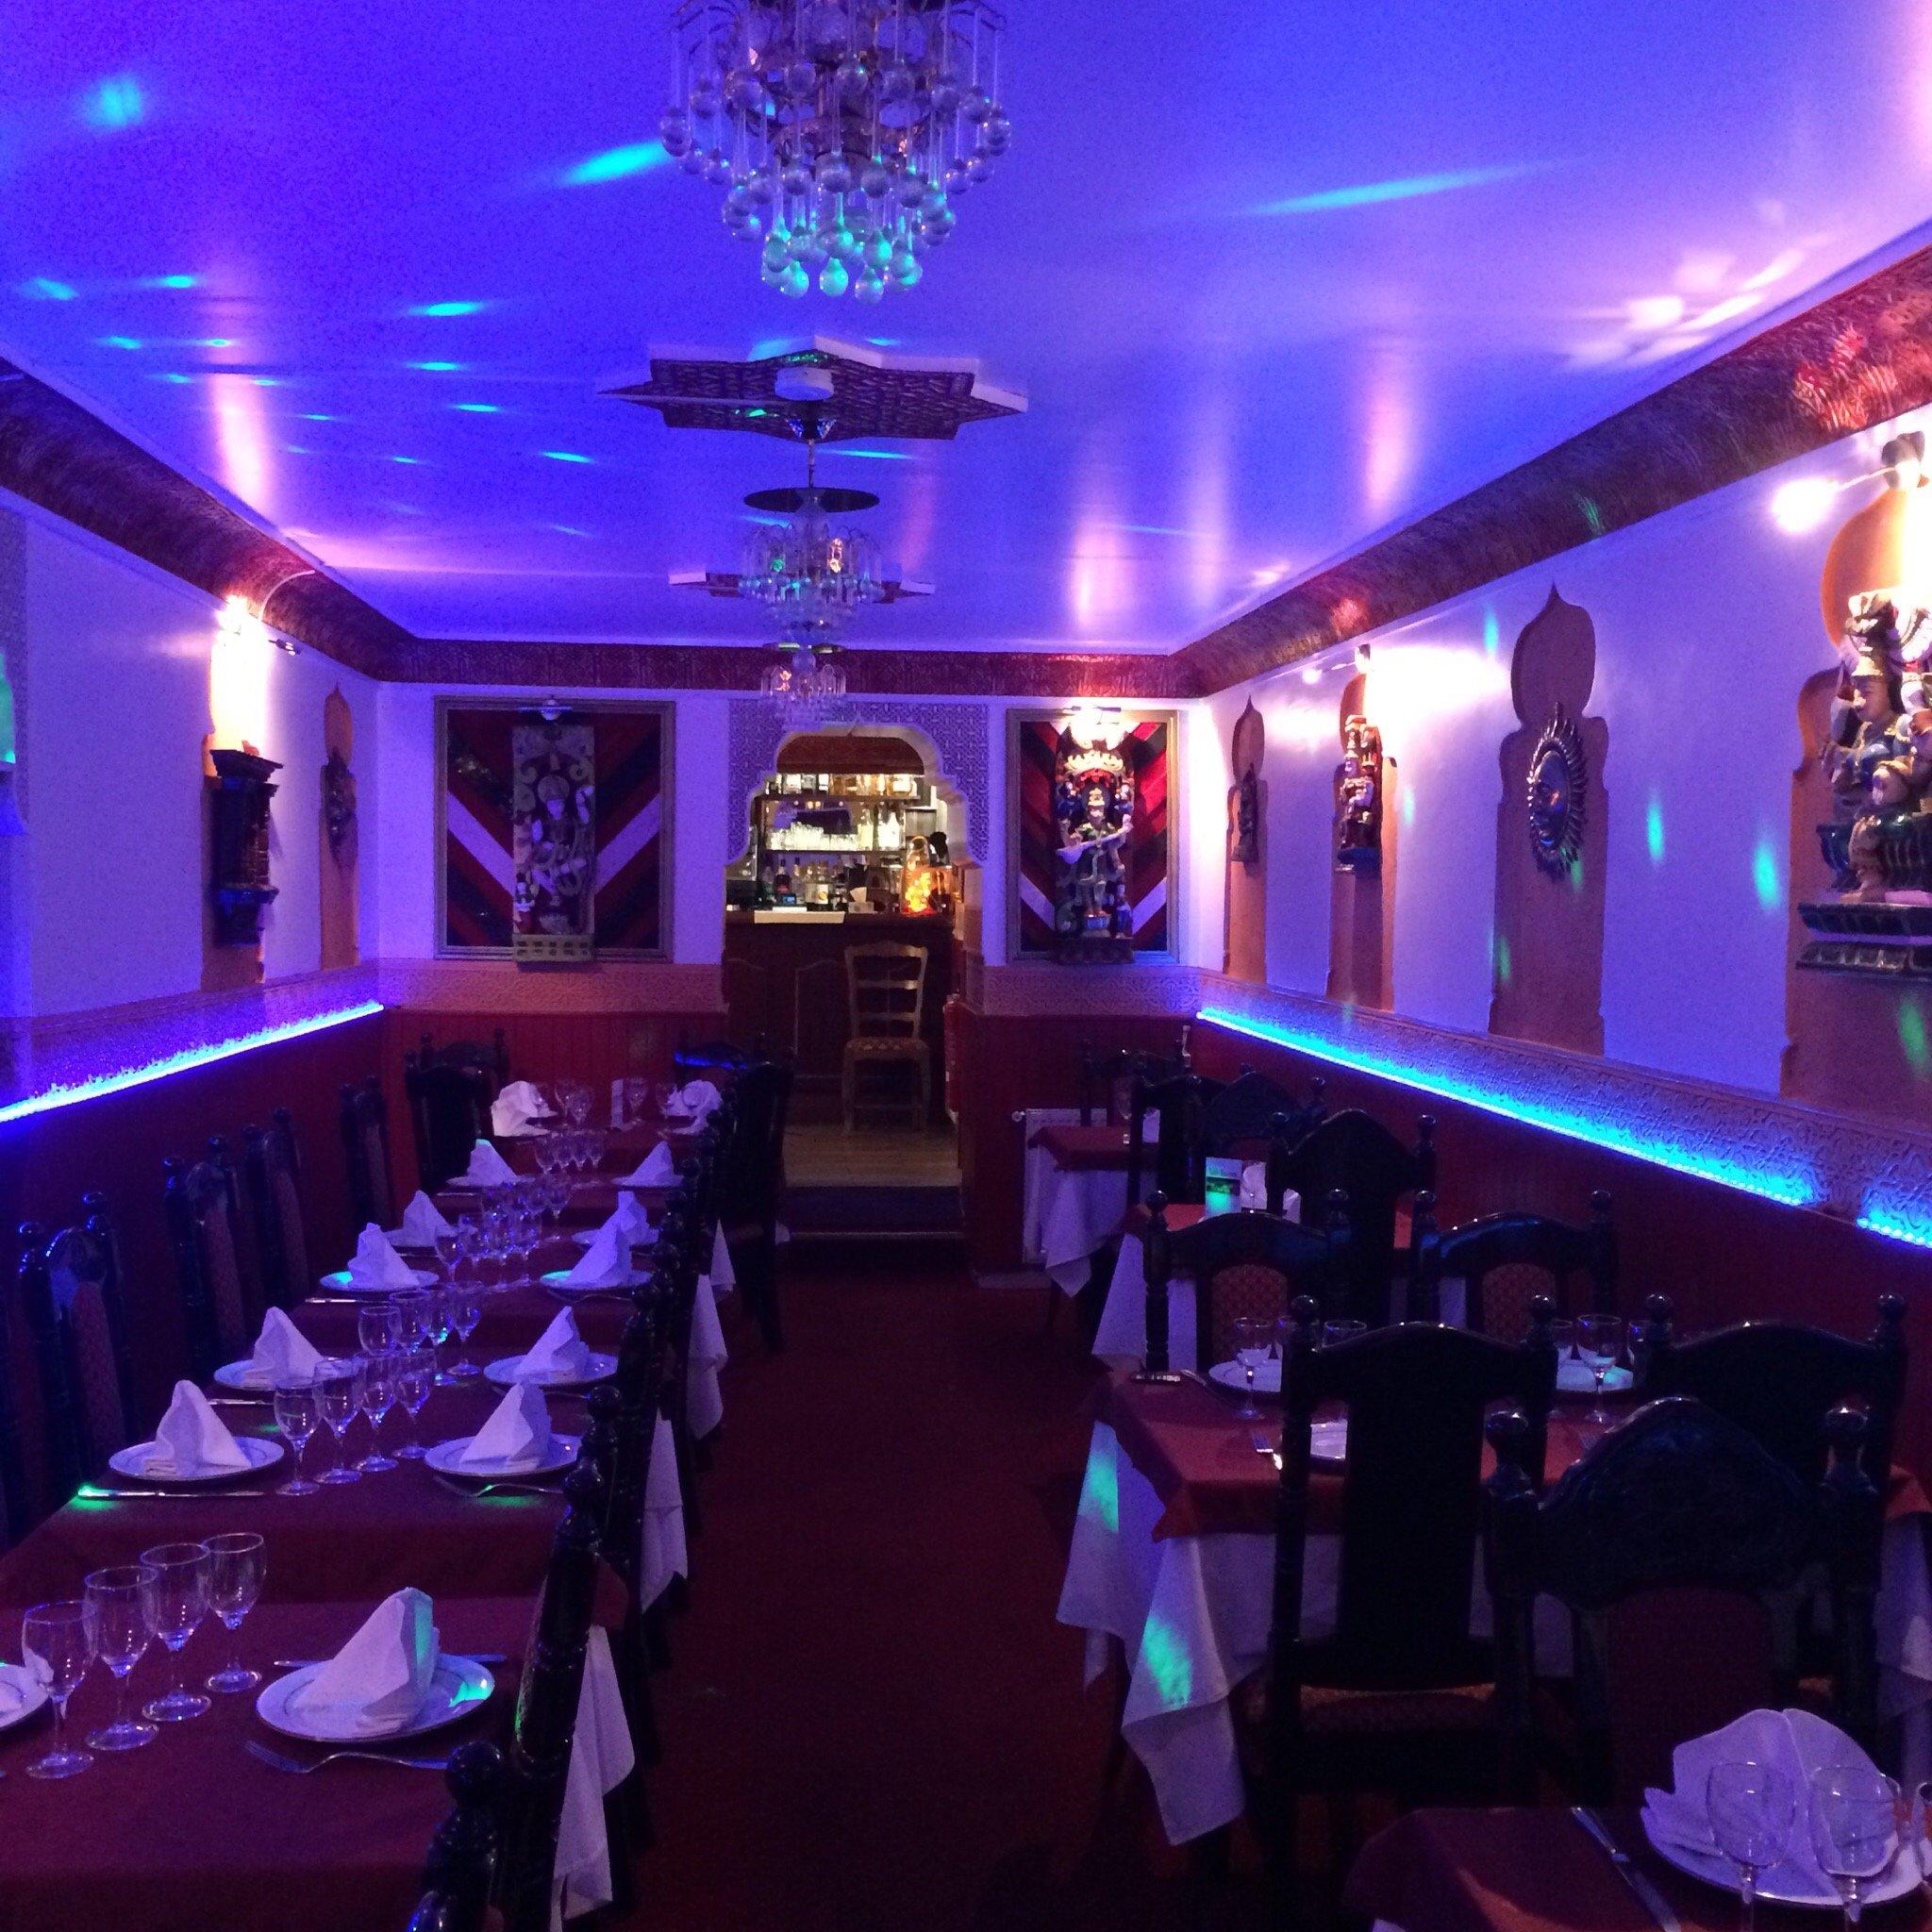 Things To Do in Cajun & Creole, Restaurants in Cajun & Creole